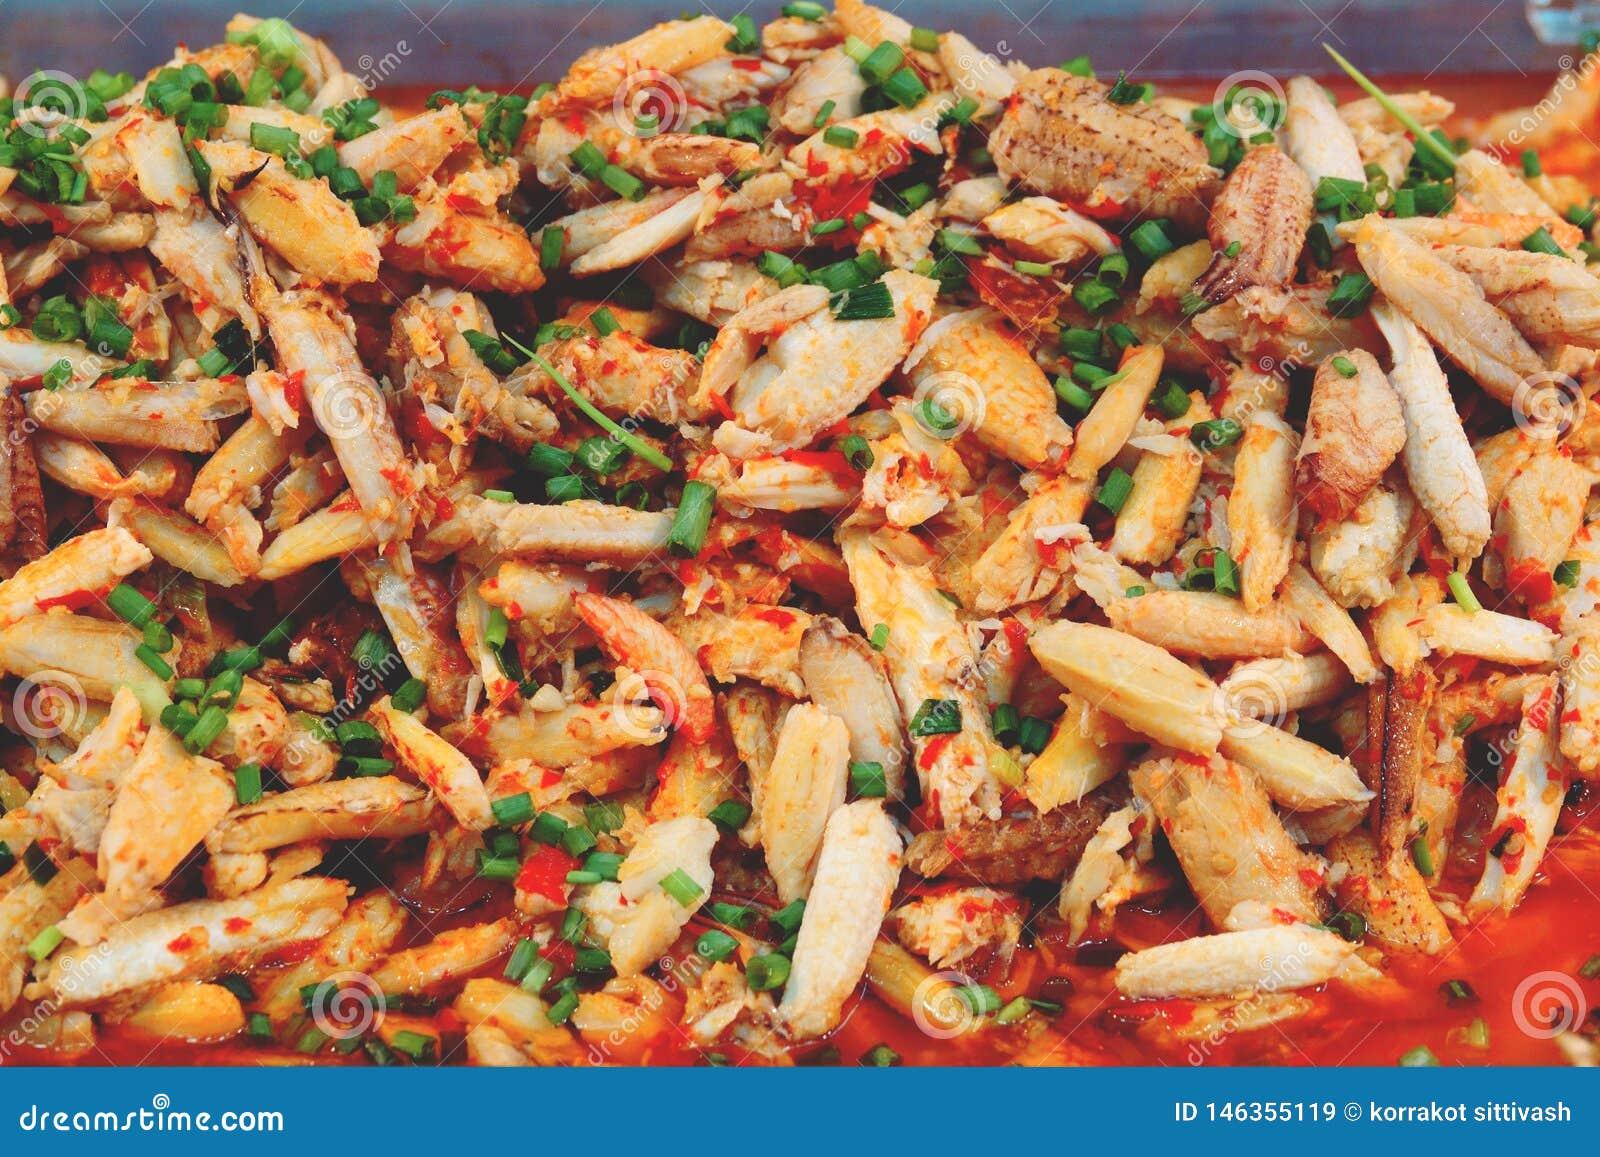 Carne de caranguejo fritada com pimentão fresco, alimento tailandês